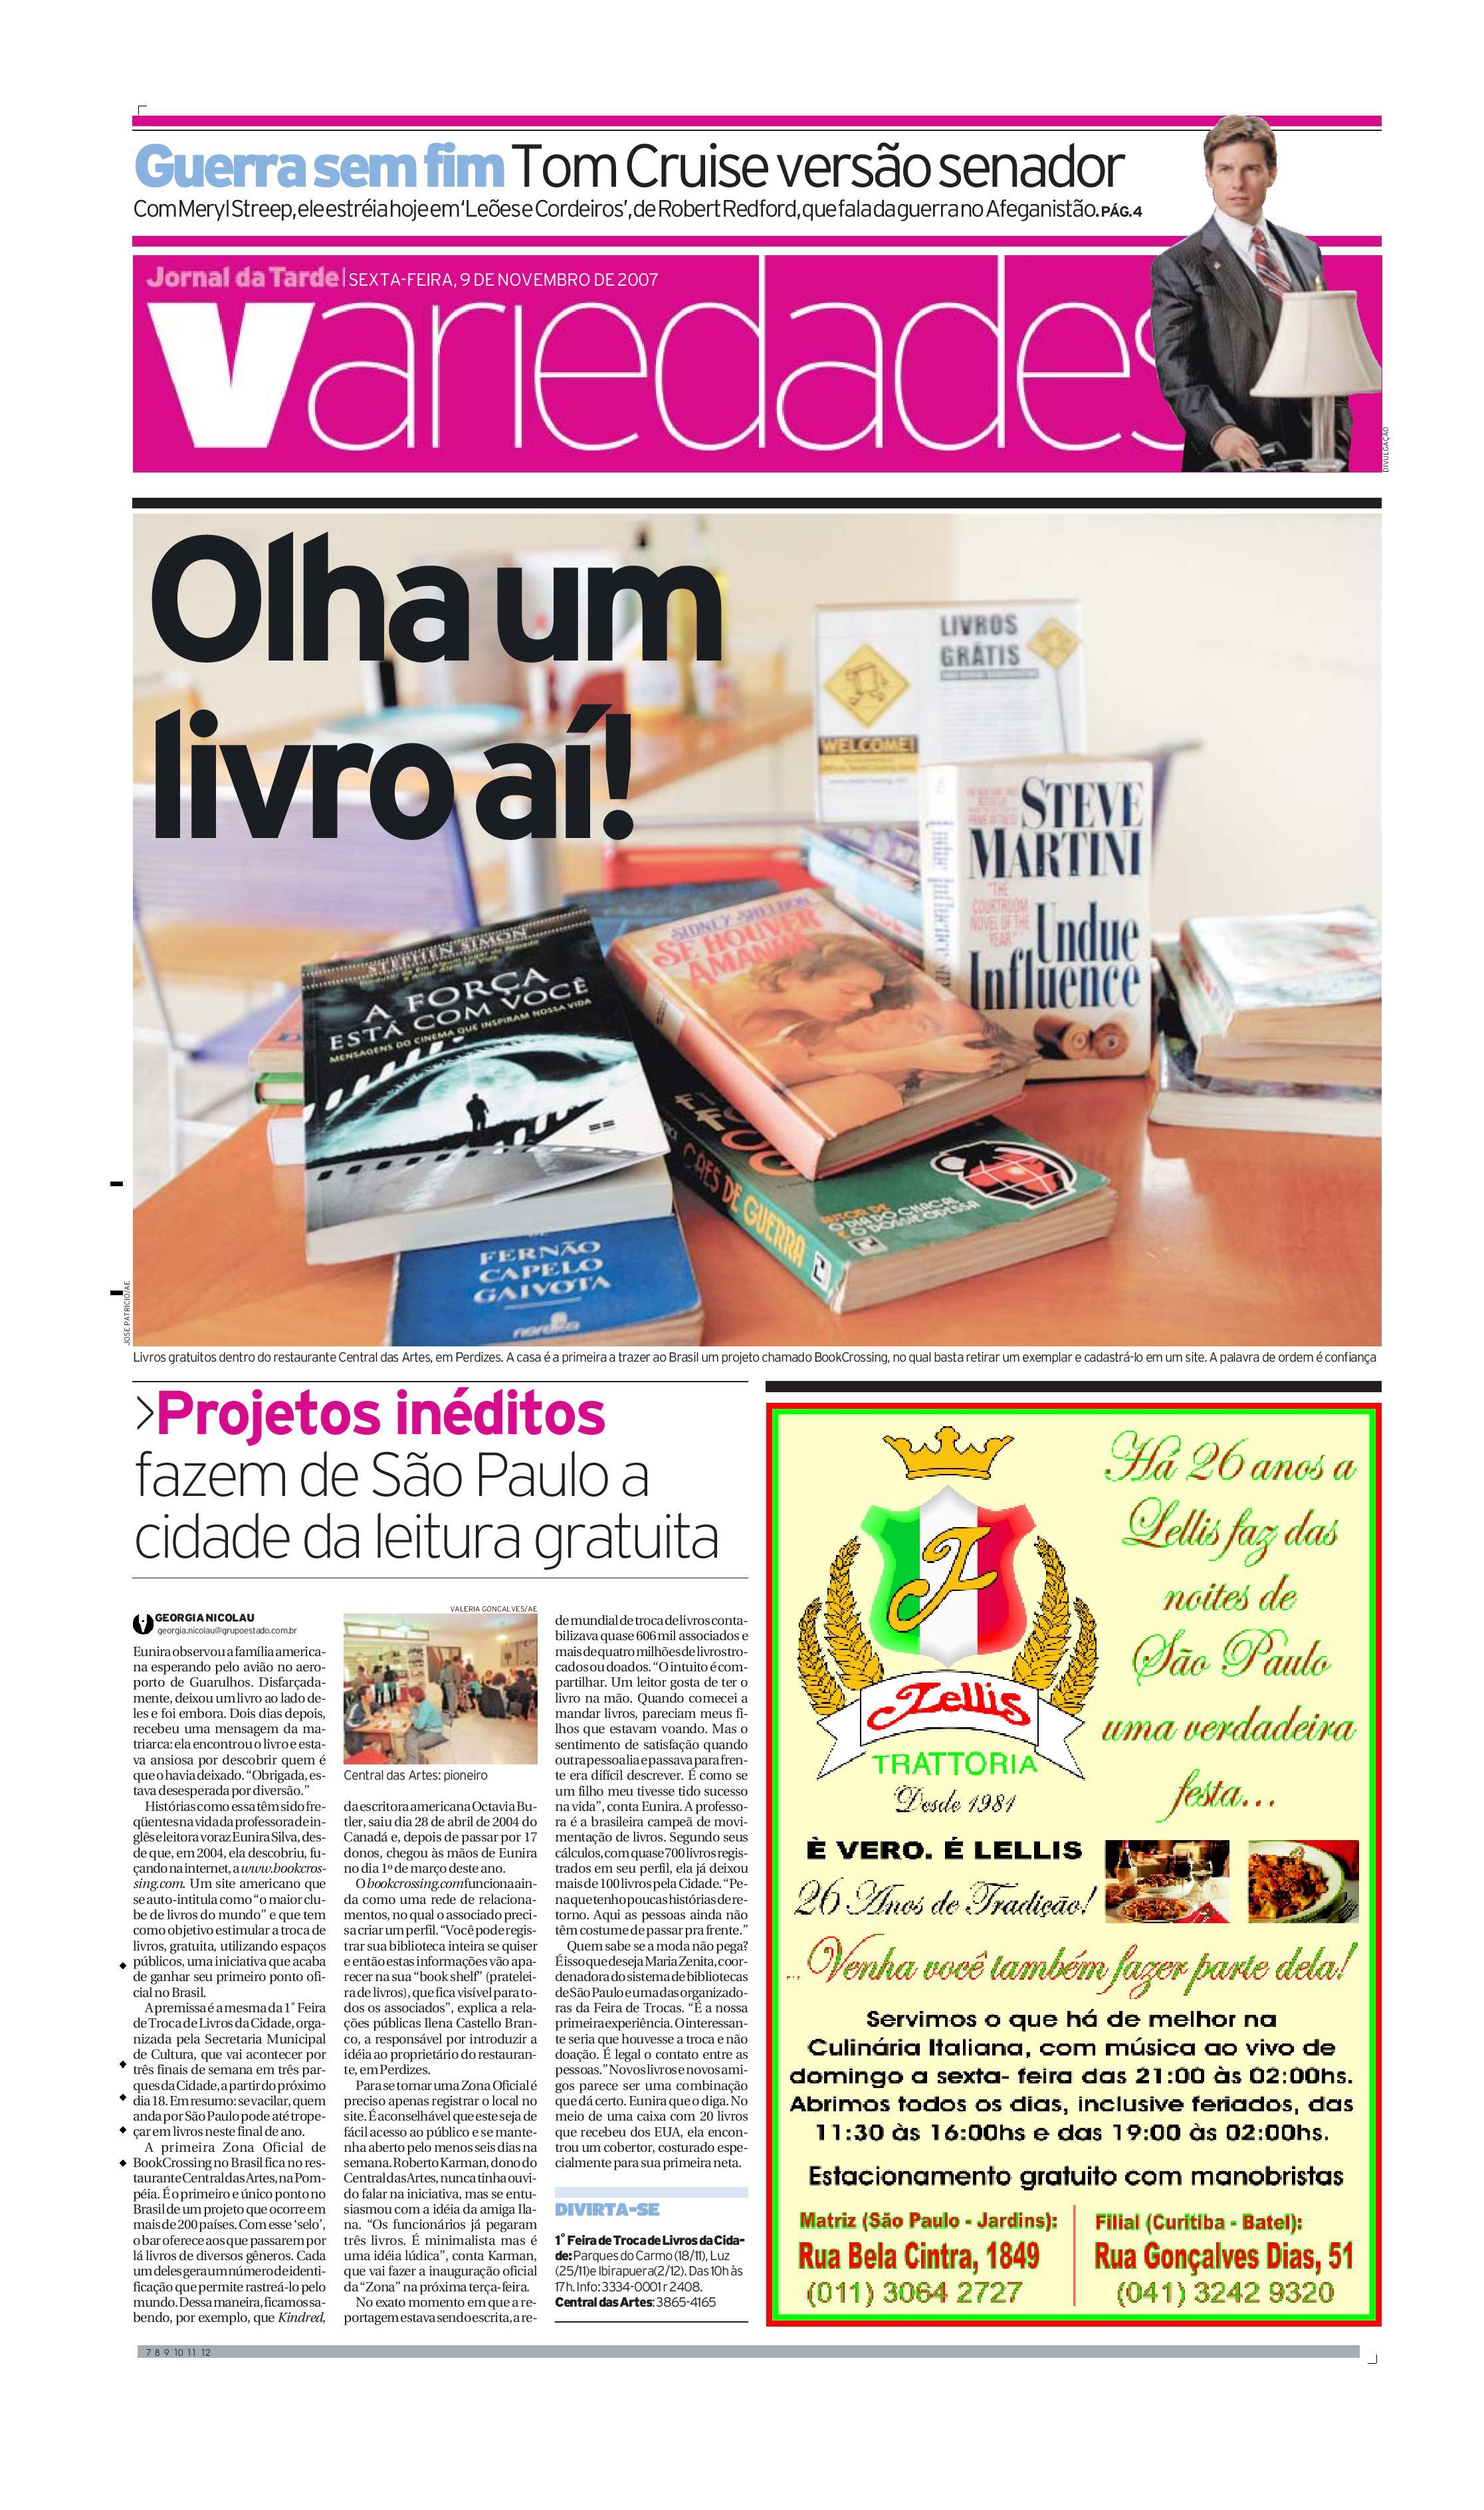 Jornal-da-Tarde_BookCrossing_Olha-um-livro-aí_09.nov.07